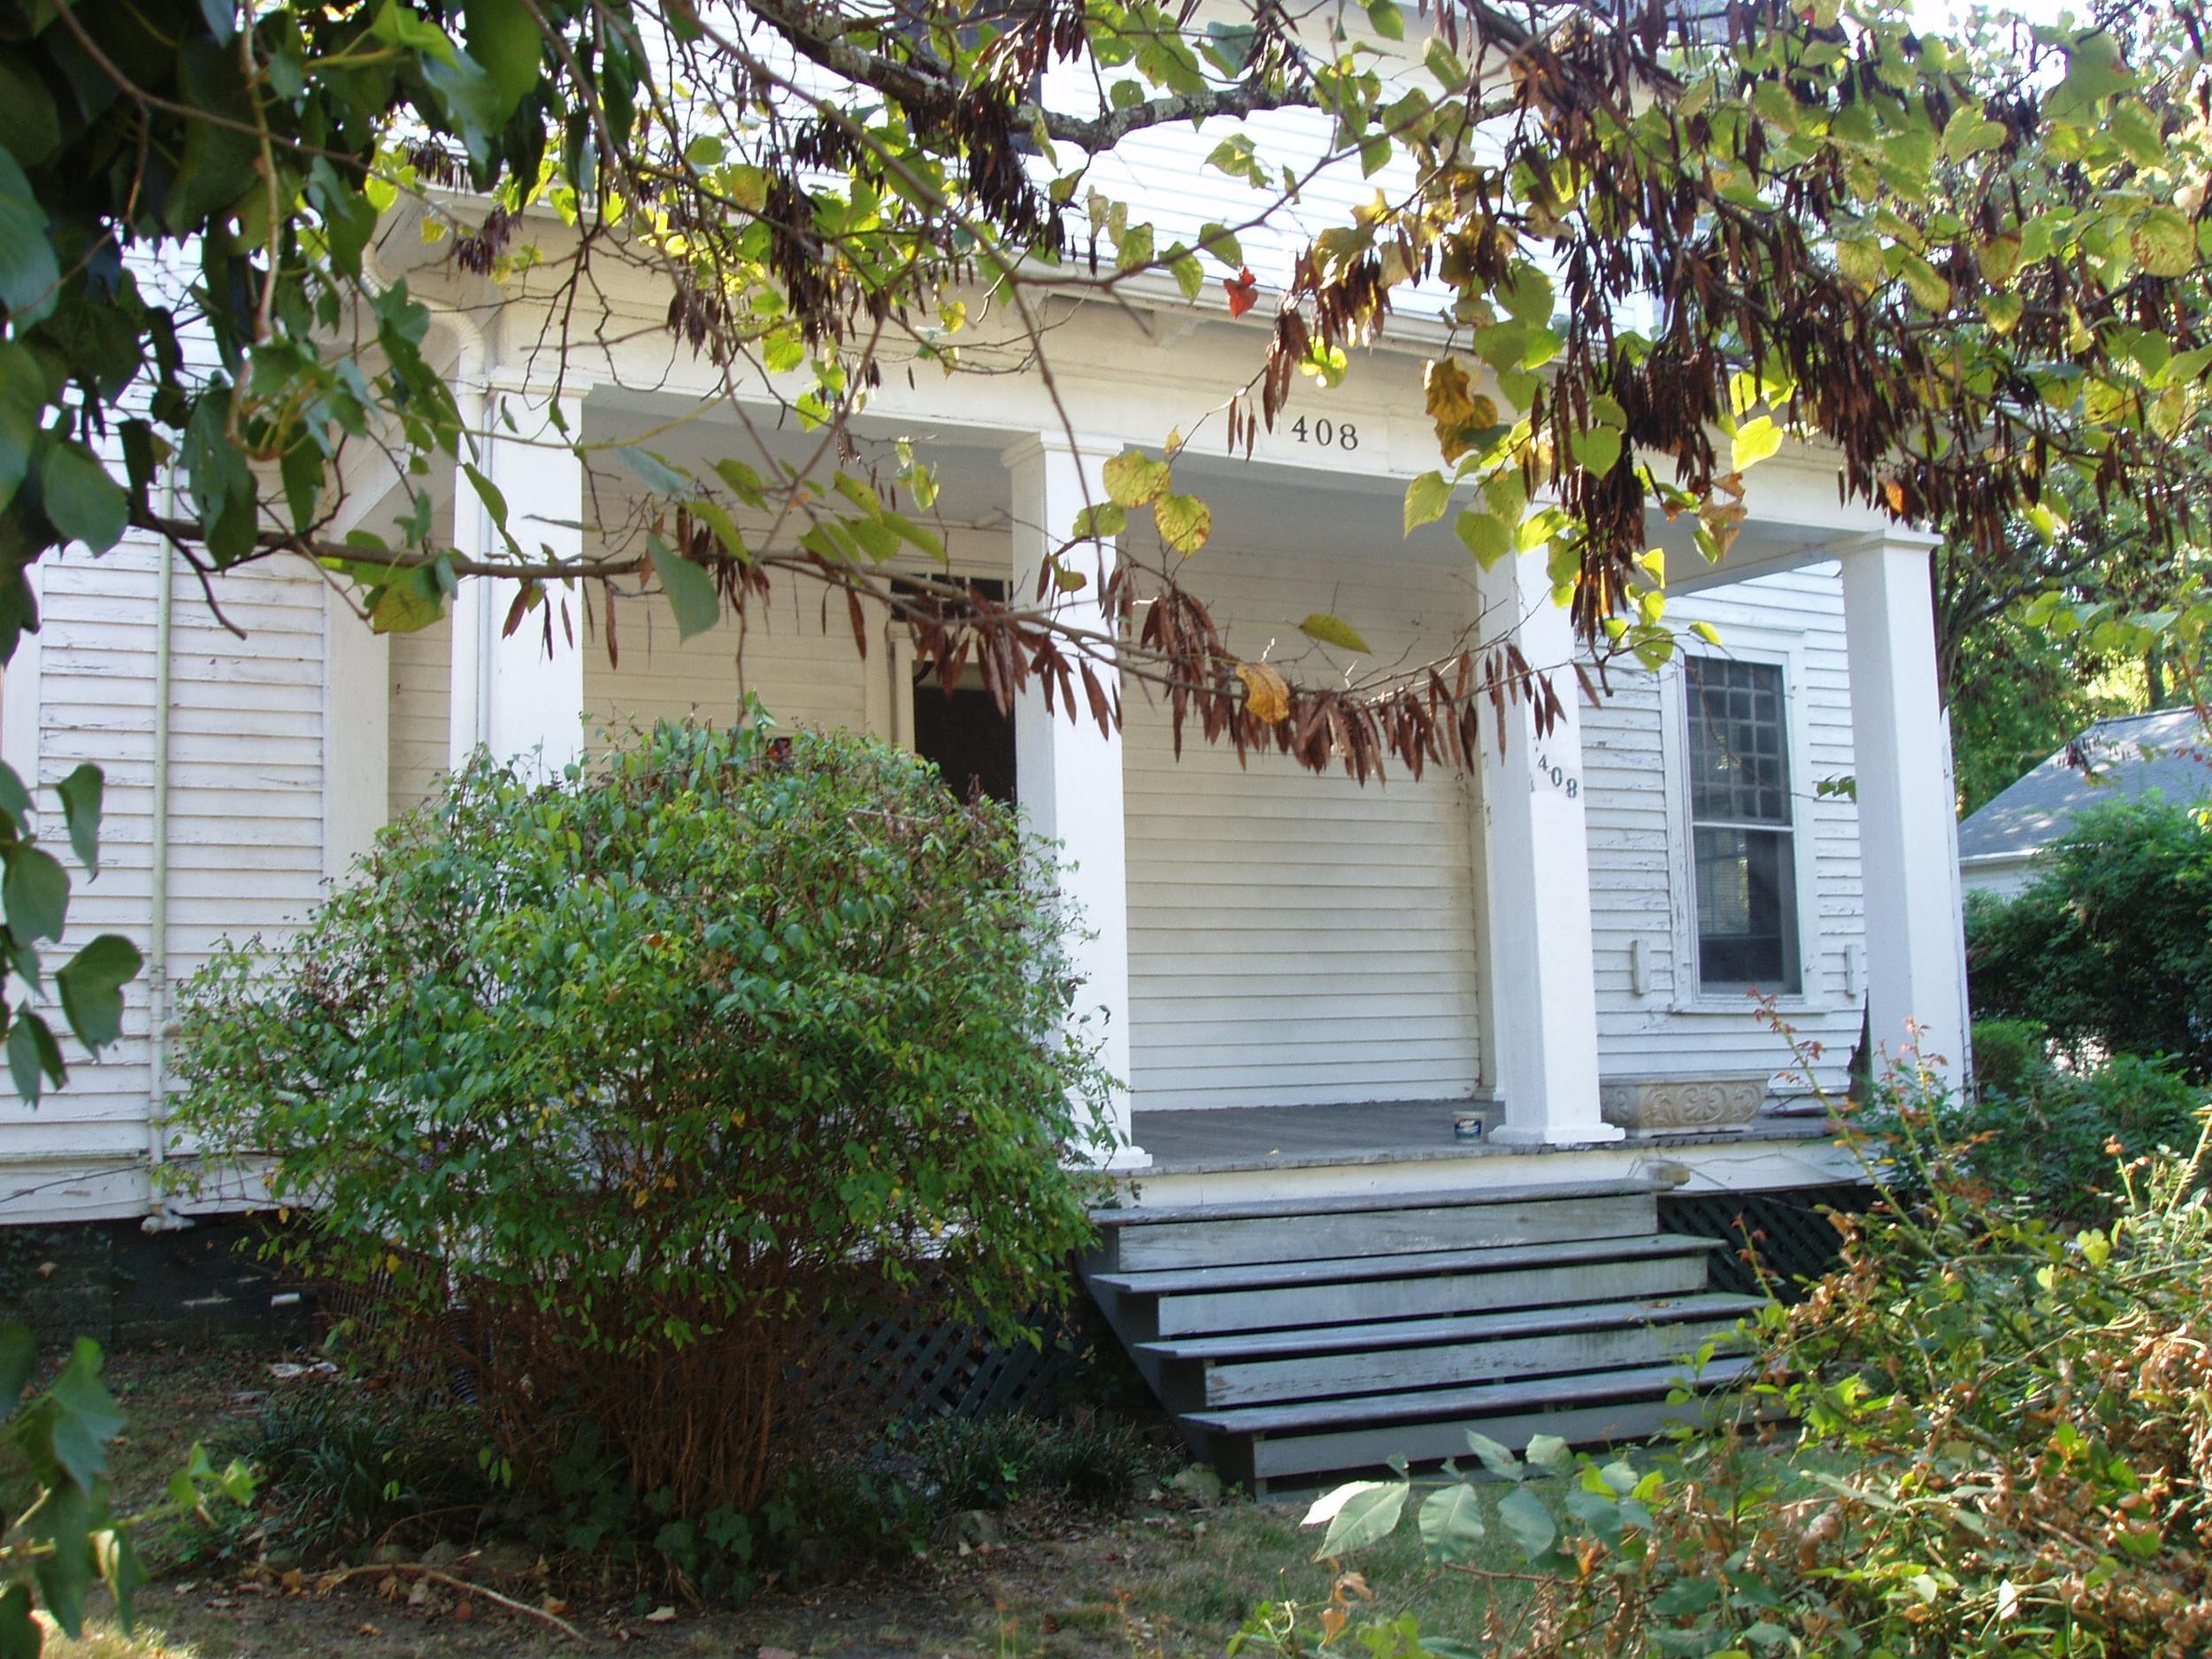 Rosemary Street, 408 E. - Exterior Front.JPG